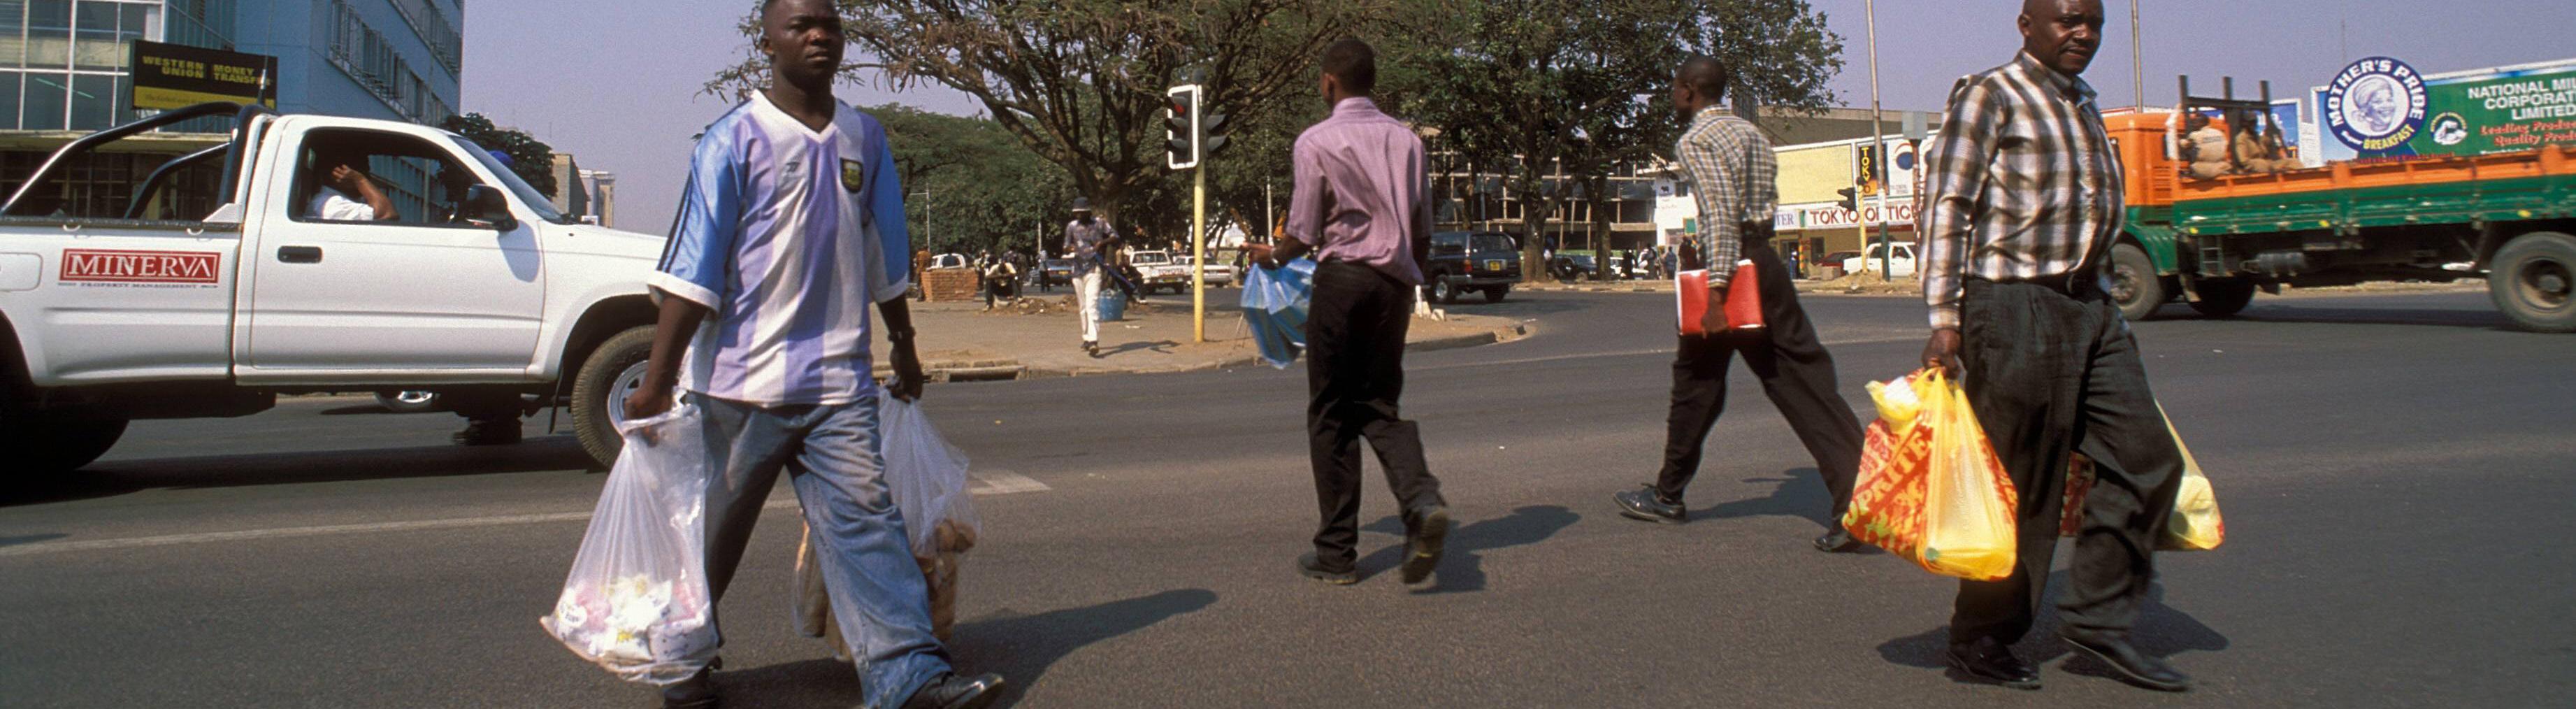 Männer auf einer Straße mit Einkaufstüten im Zentrum von Lusaka in Sambia